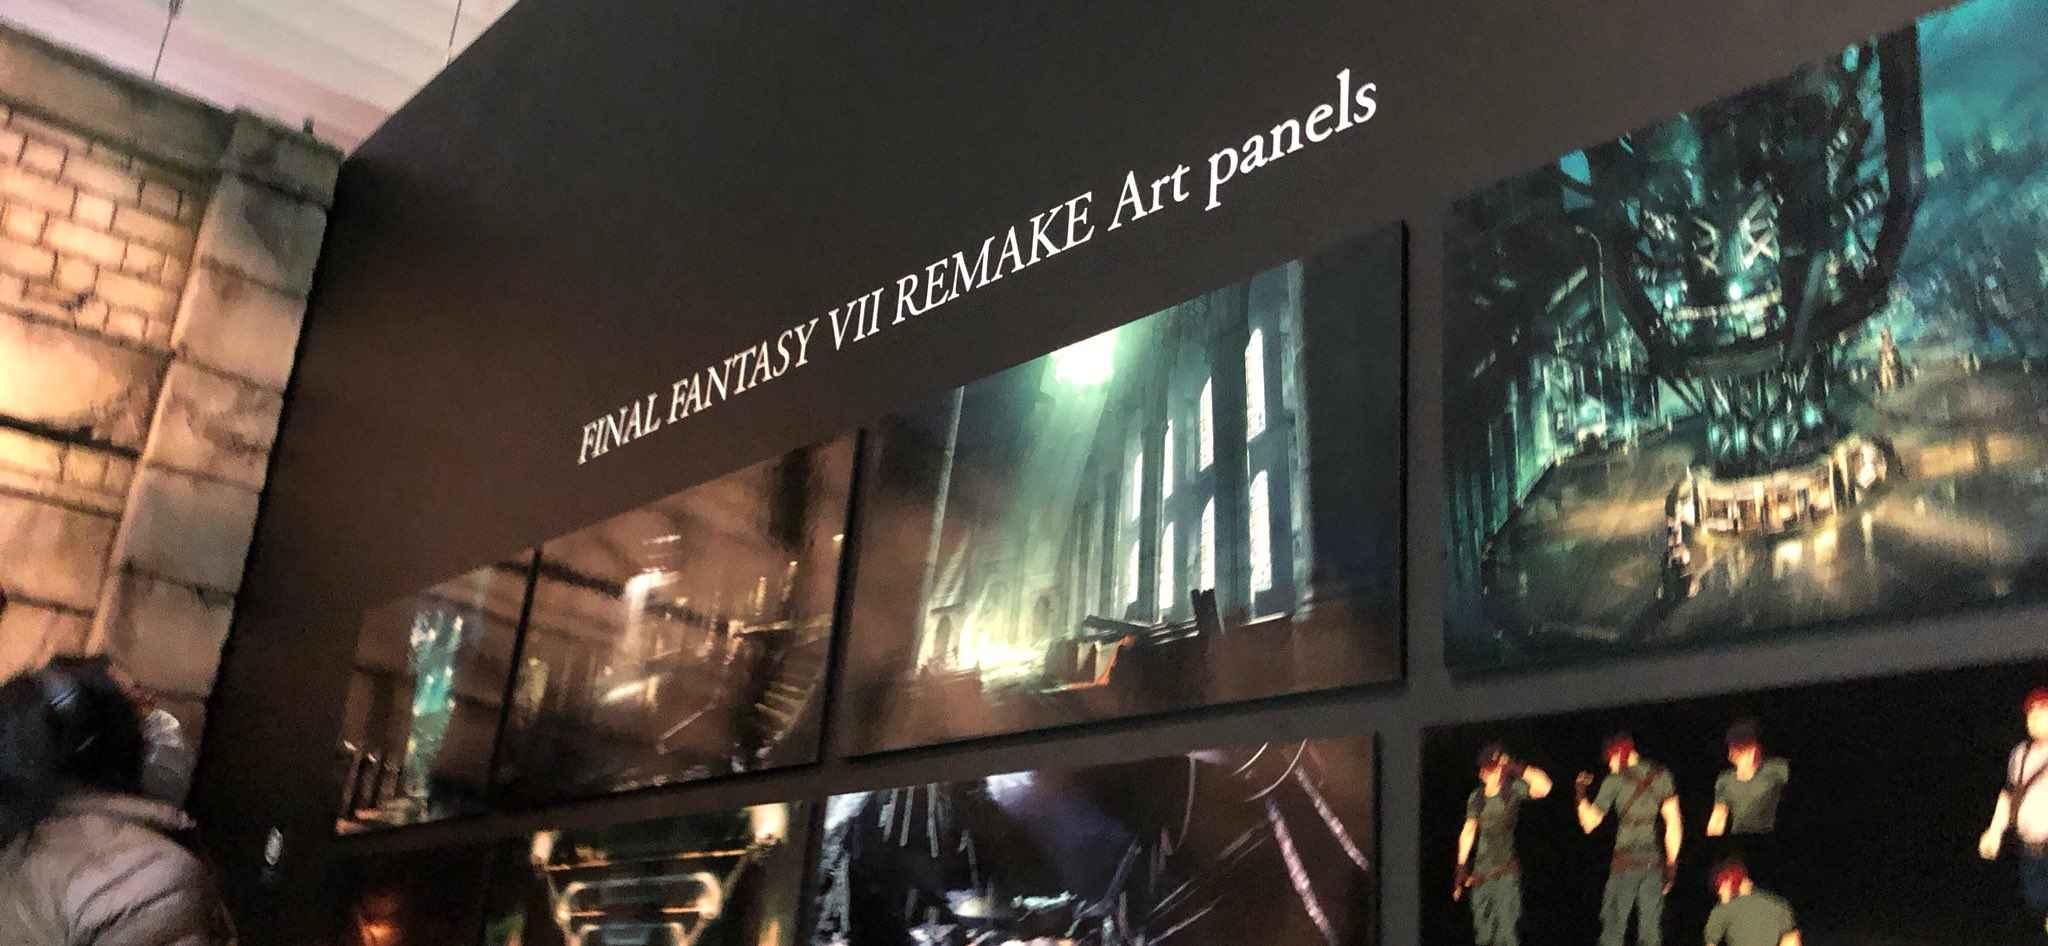 final fantasy vii remake artwork